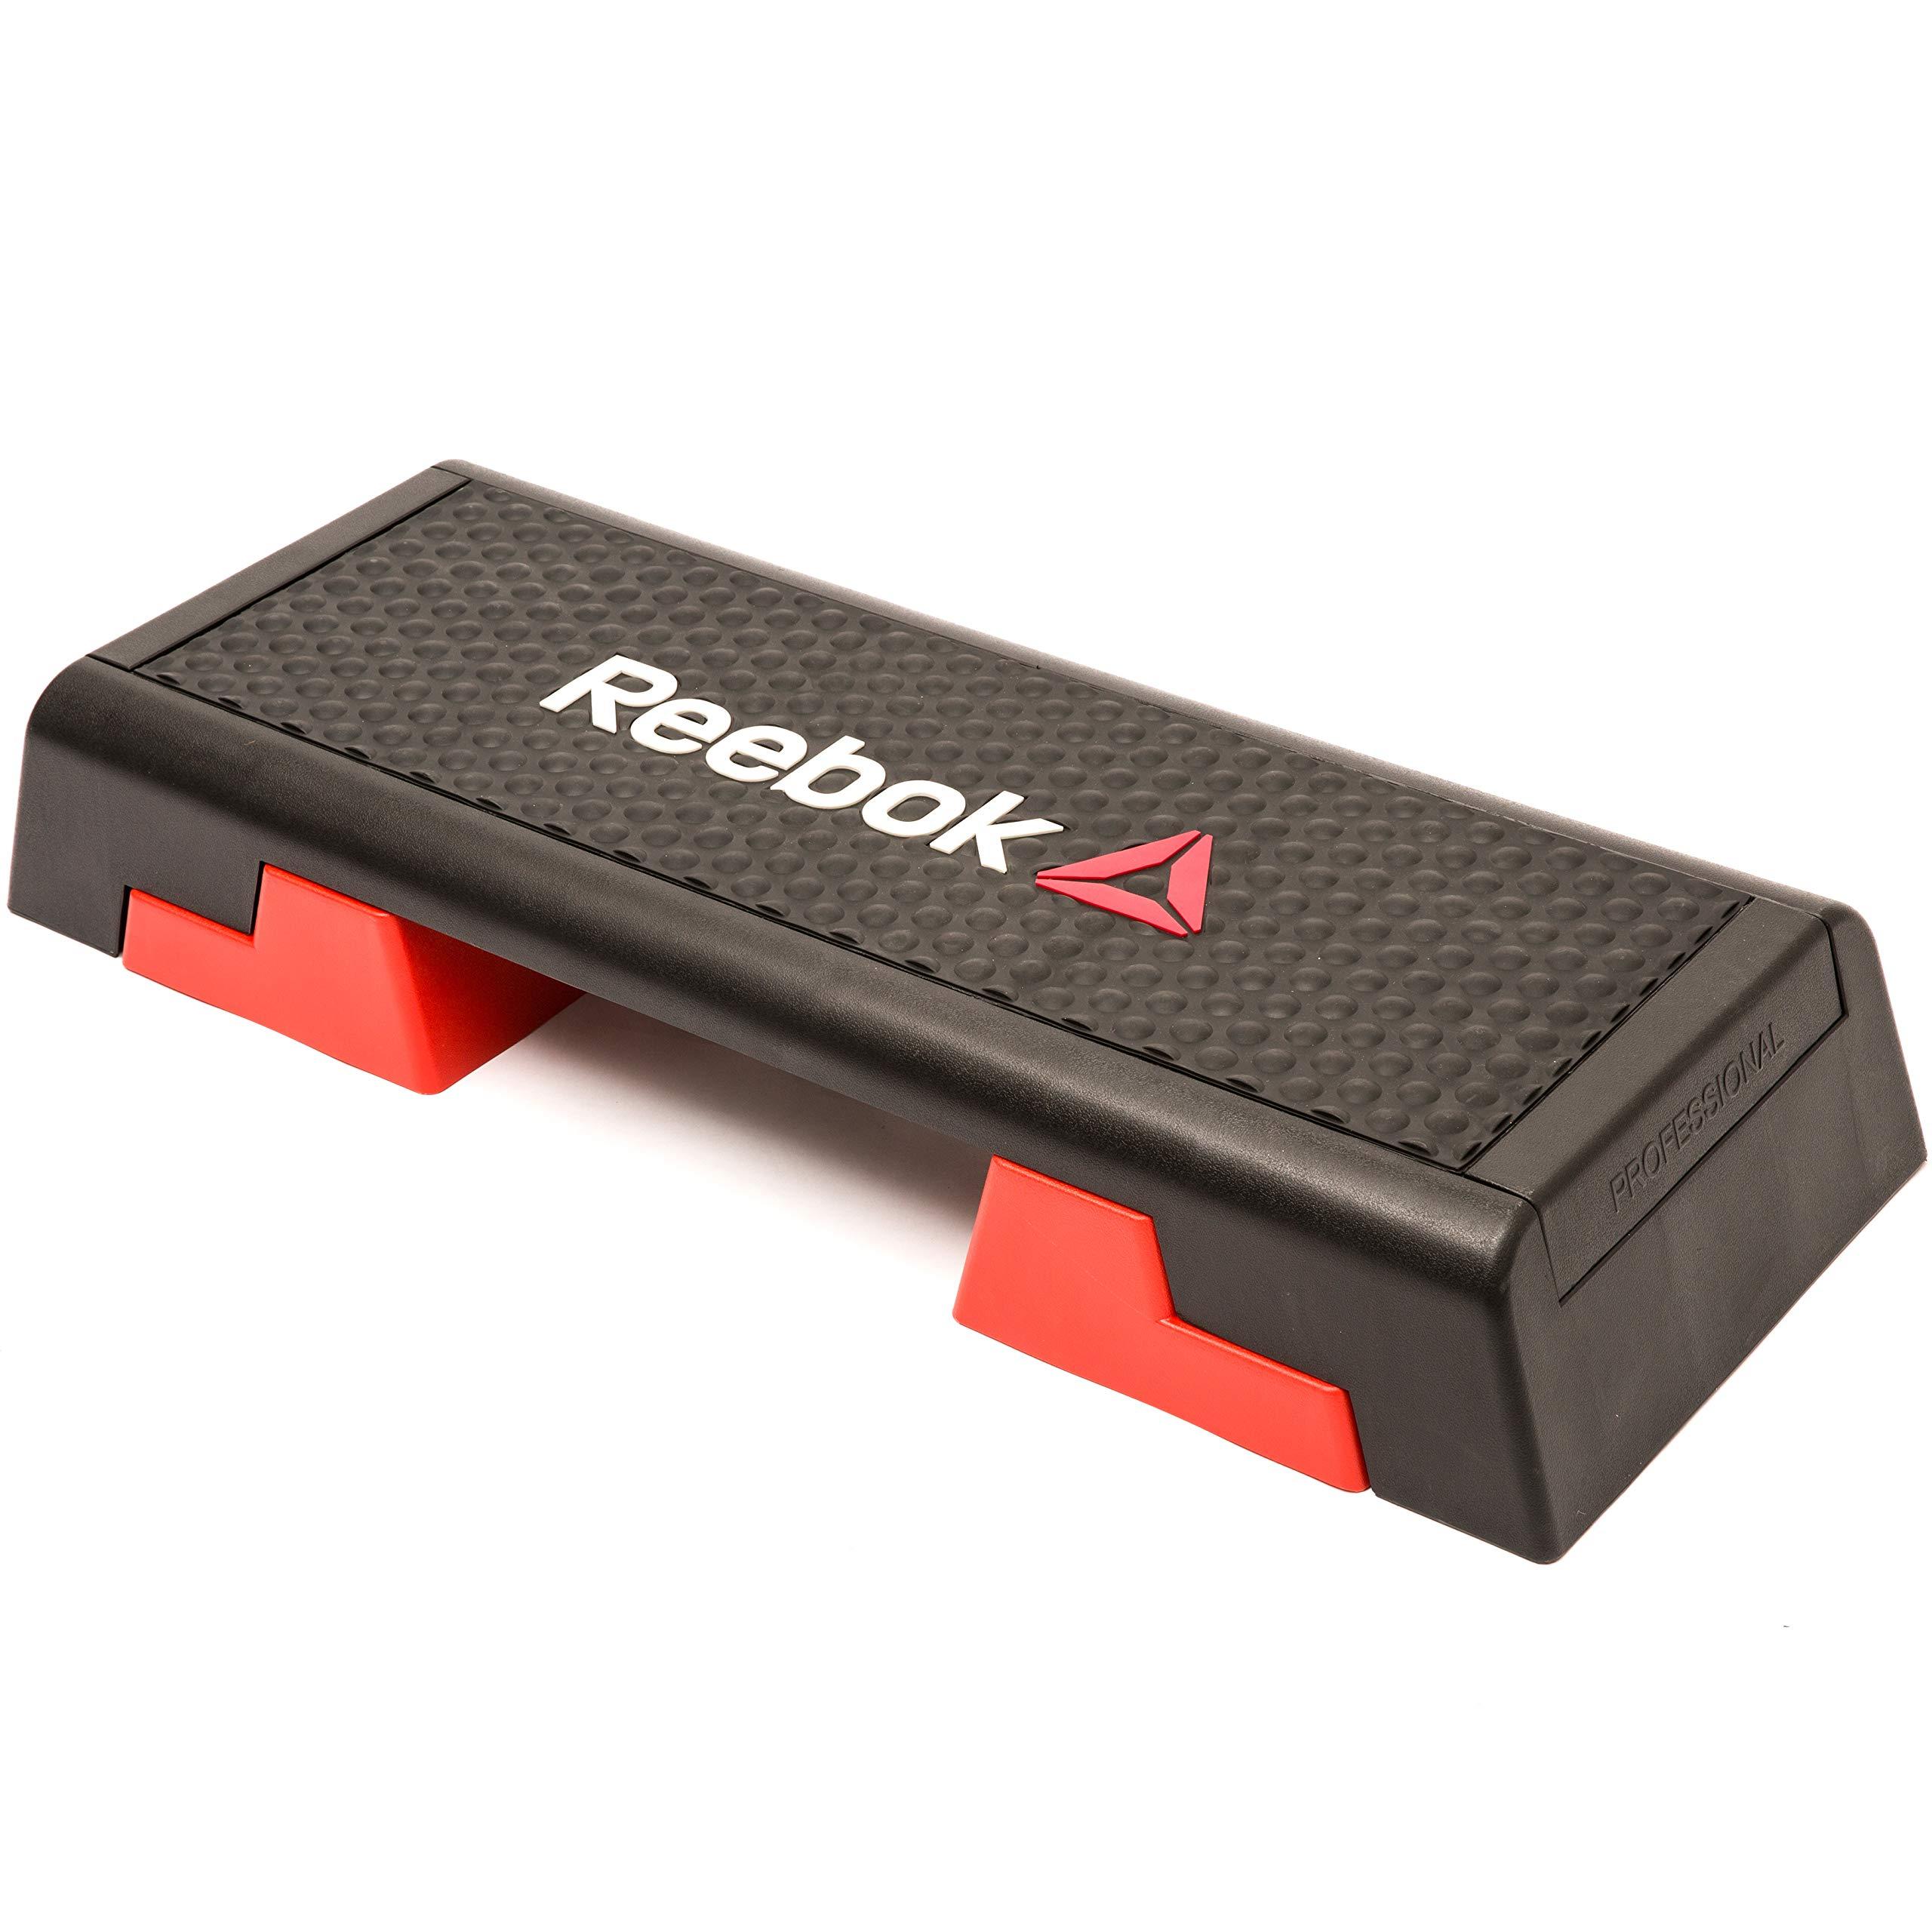 Reebok Step - Plateforme d'entraînement product image